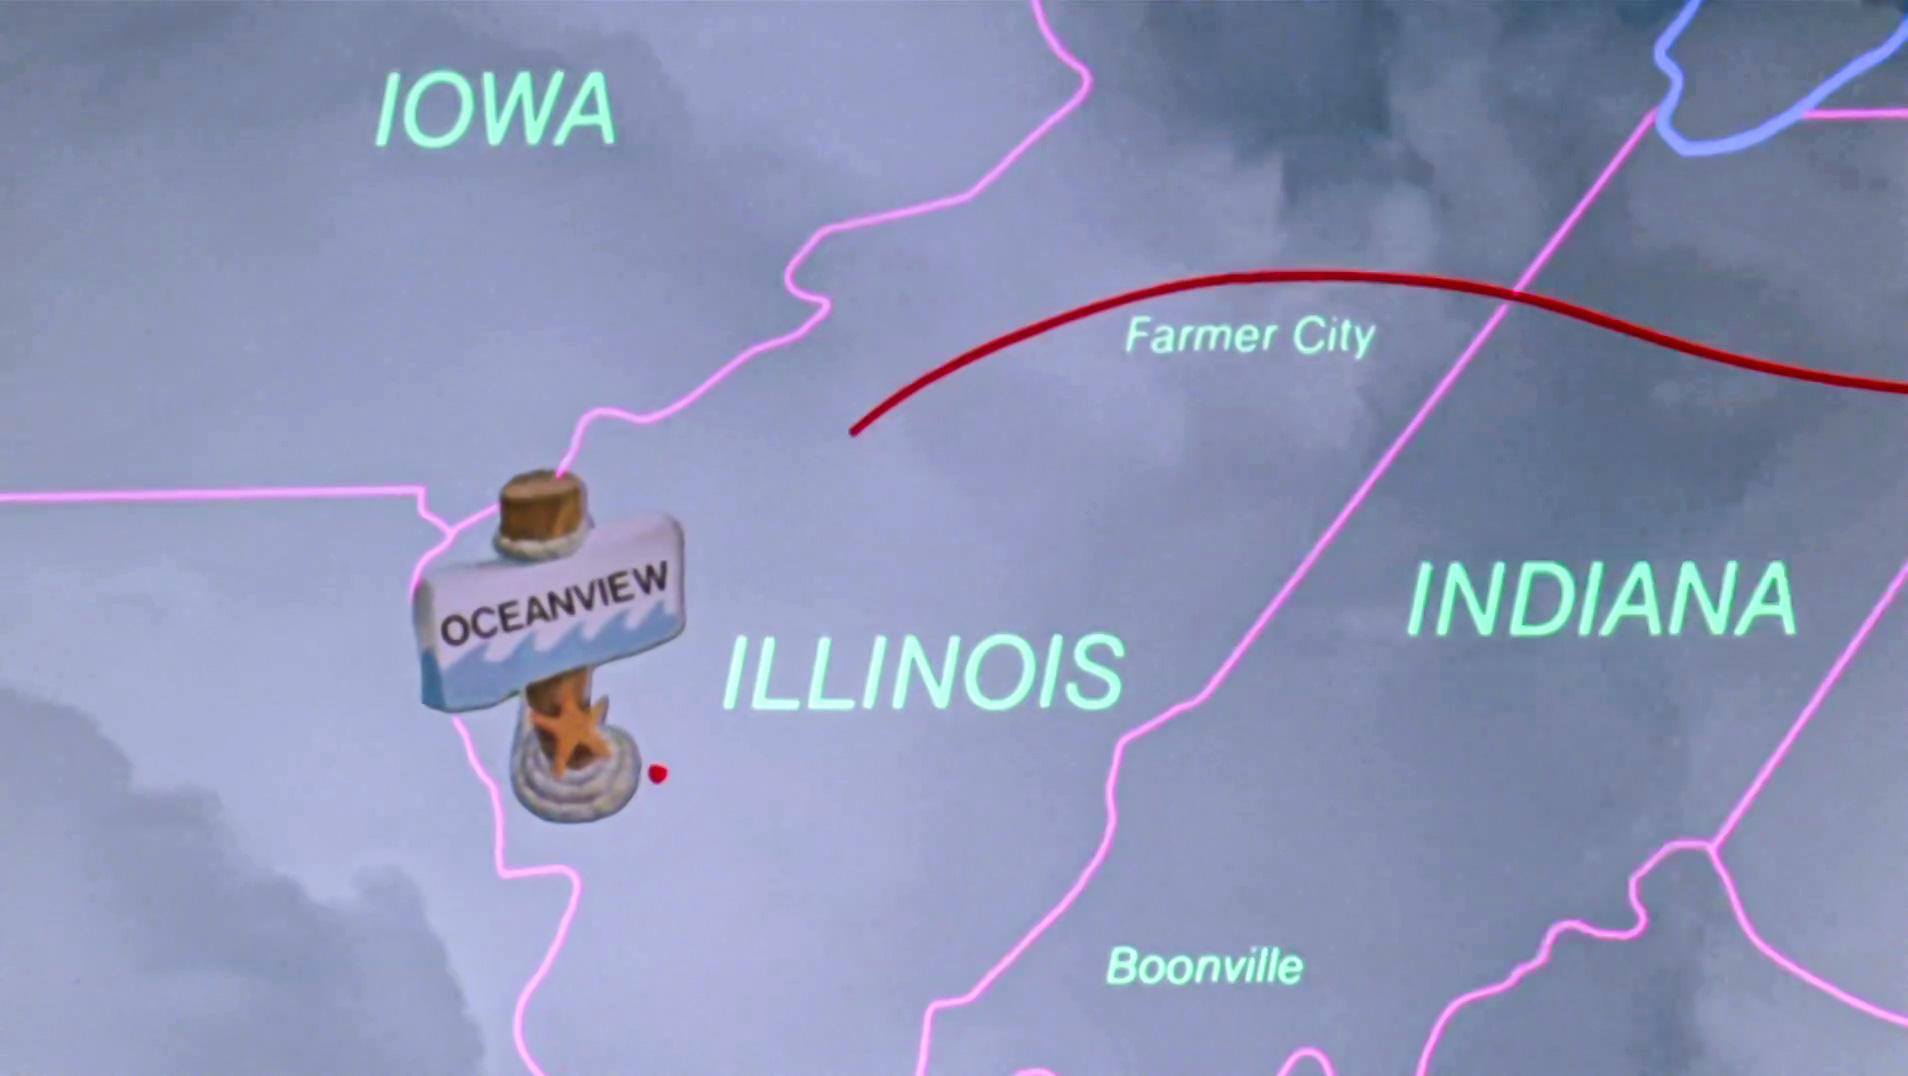 File:Illinois.jpg